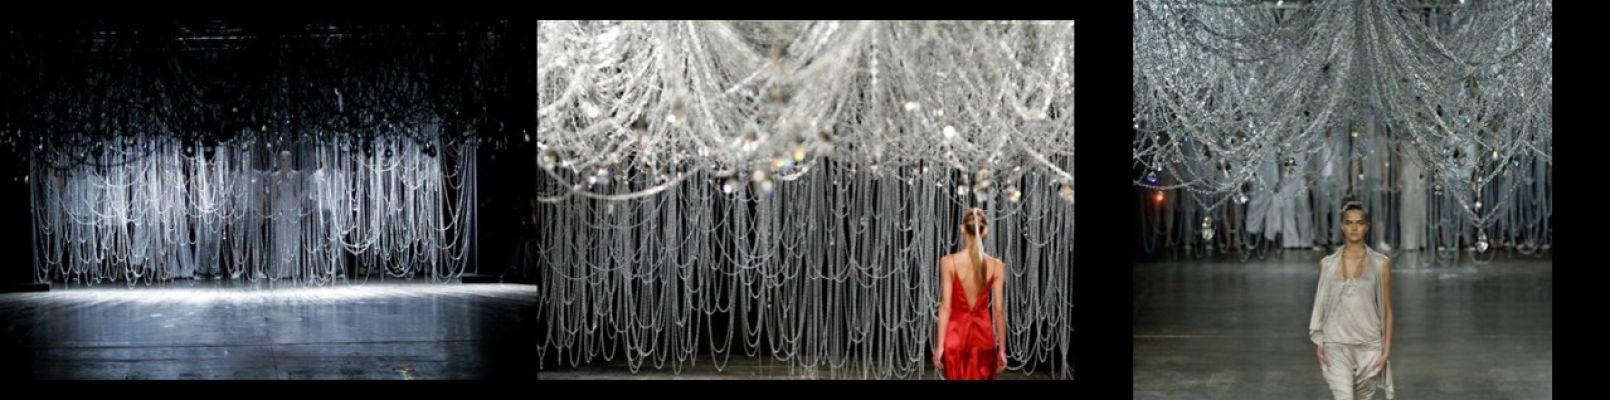 Cenário para o desfile da Uma na SPFW, Vértices, Mônica Rodrigues Fernandes